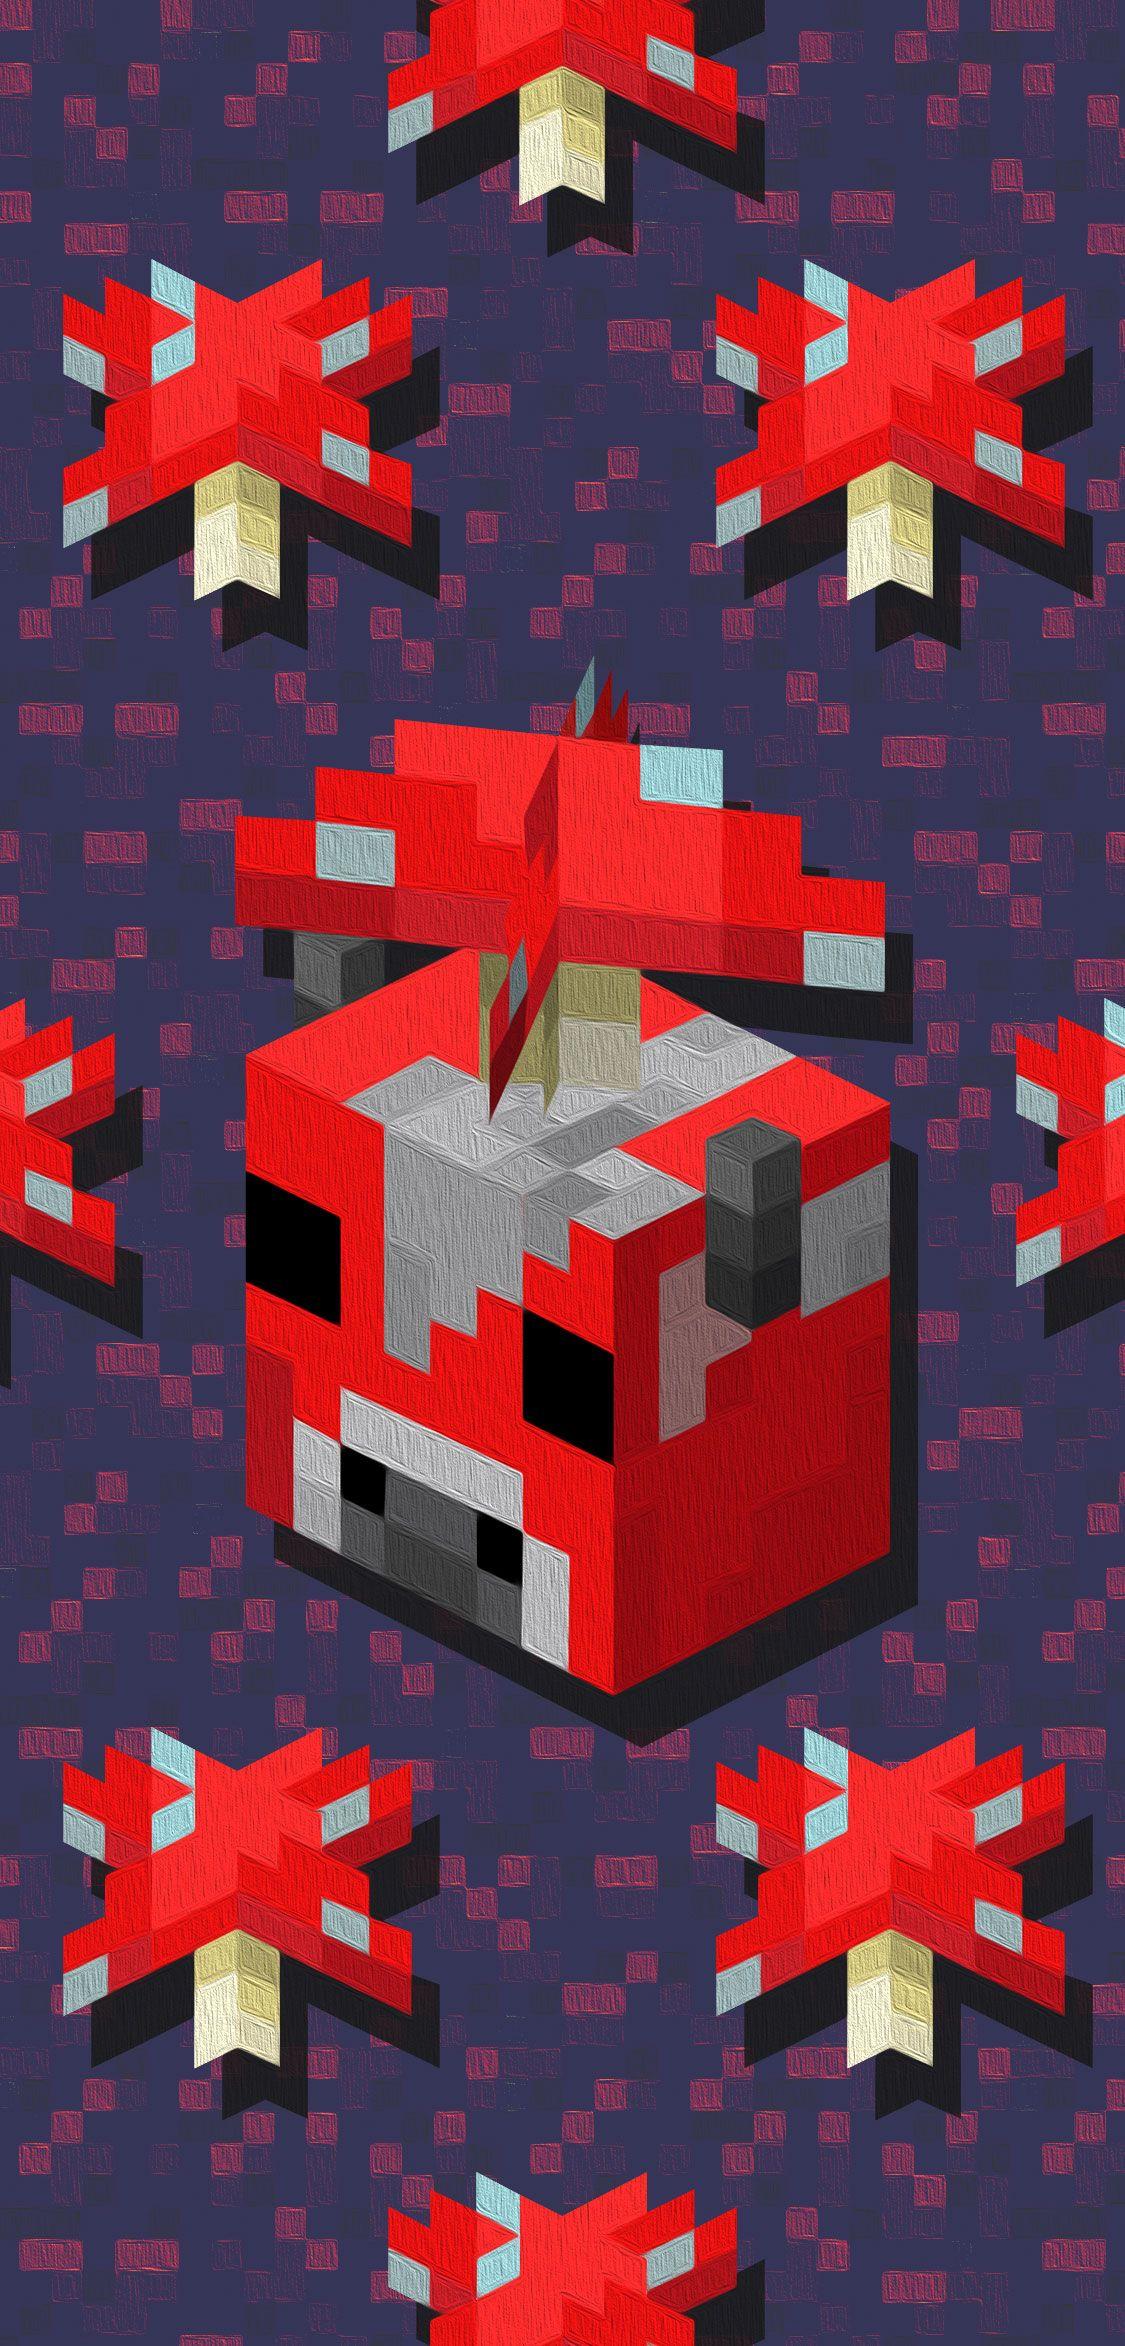 Minecraft Red Mushroom And Mooshroom Phone Wallpaper In 2020 Minecraft Wallpaper Wallpaper Phone Wallpaper